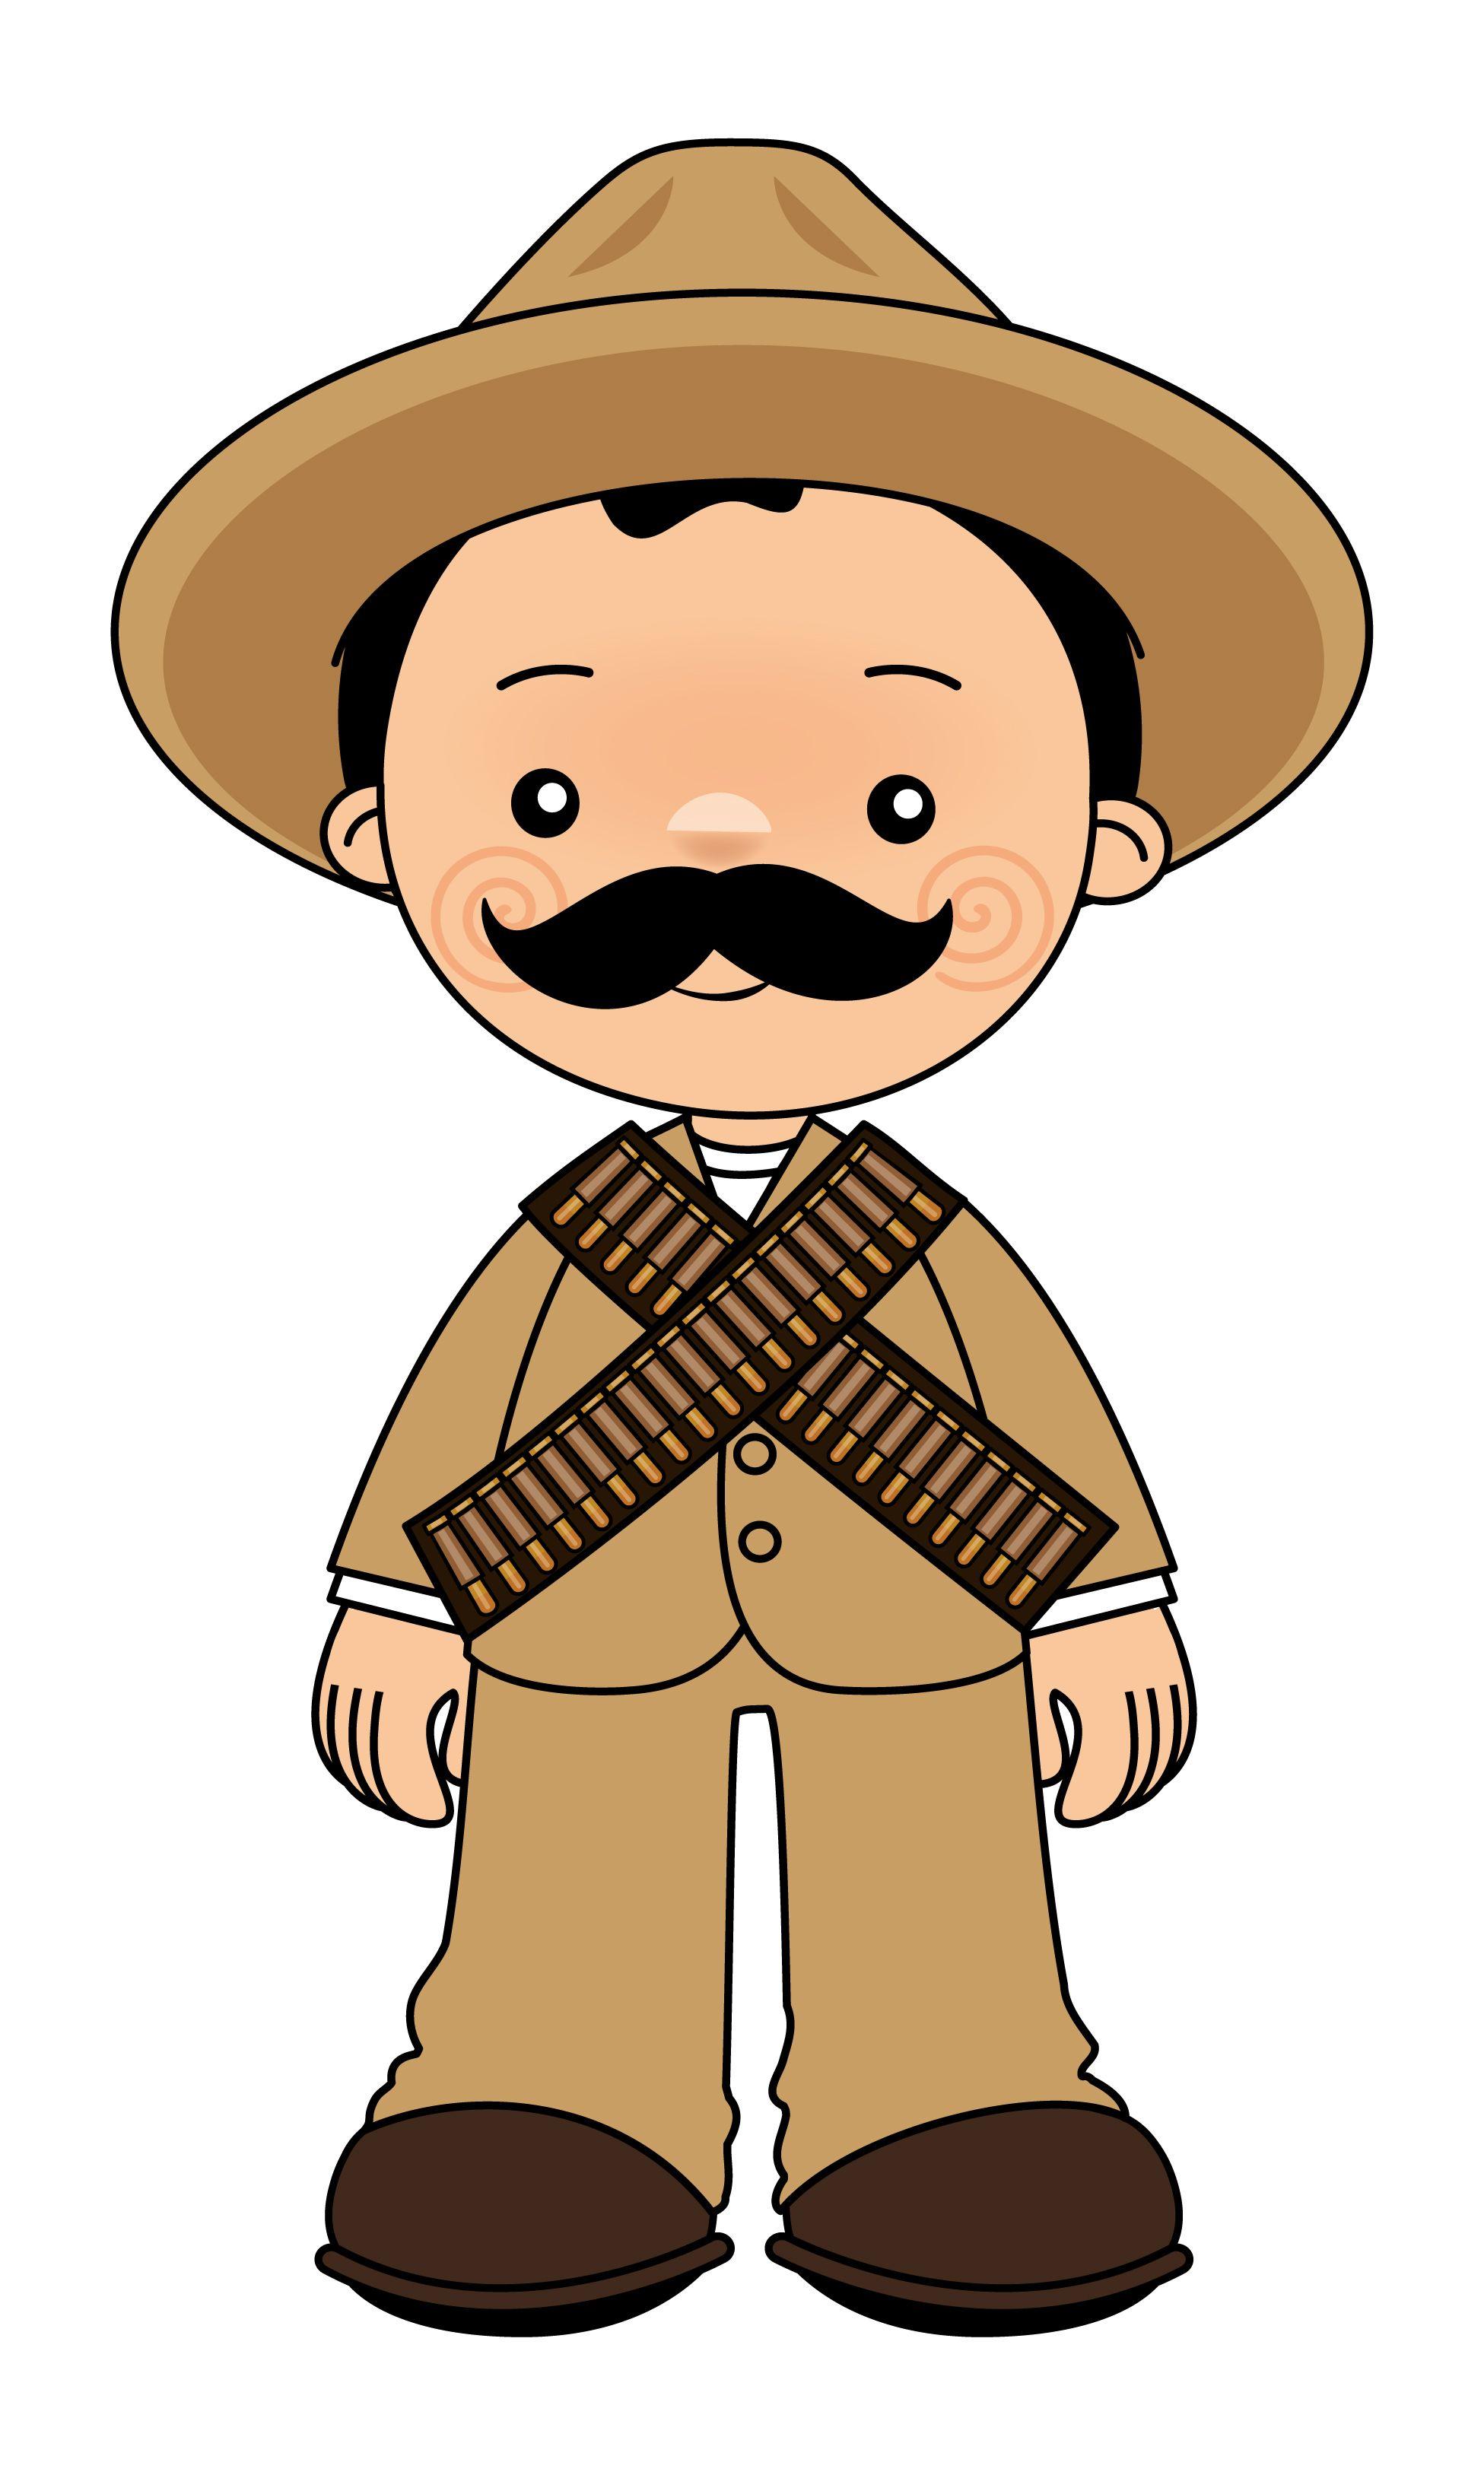 Pancho Villa 2 Revolucion Mexicana Para Ninos Revolucion Mexicana Dibujos Revolucion Mexicana Para Colorear